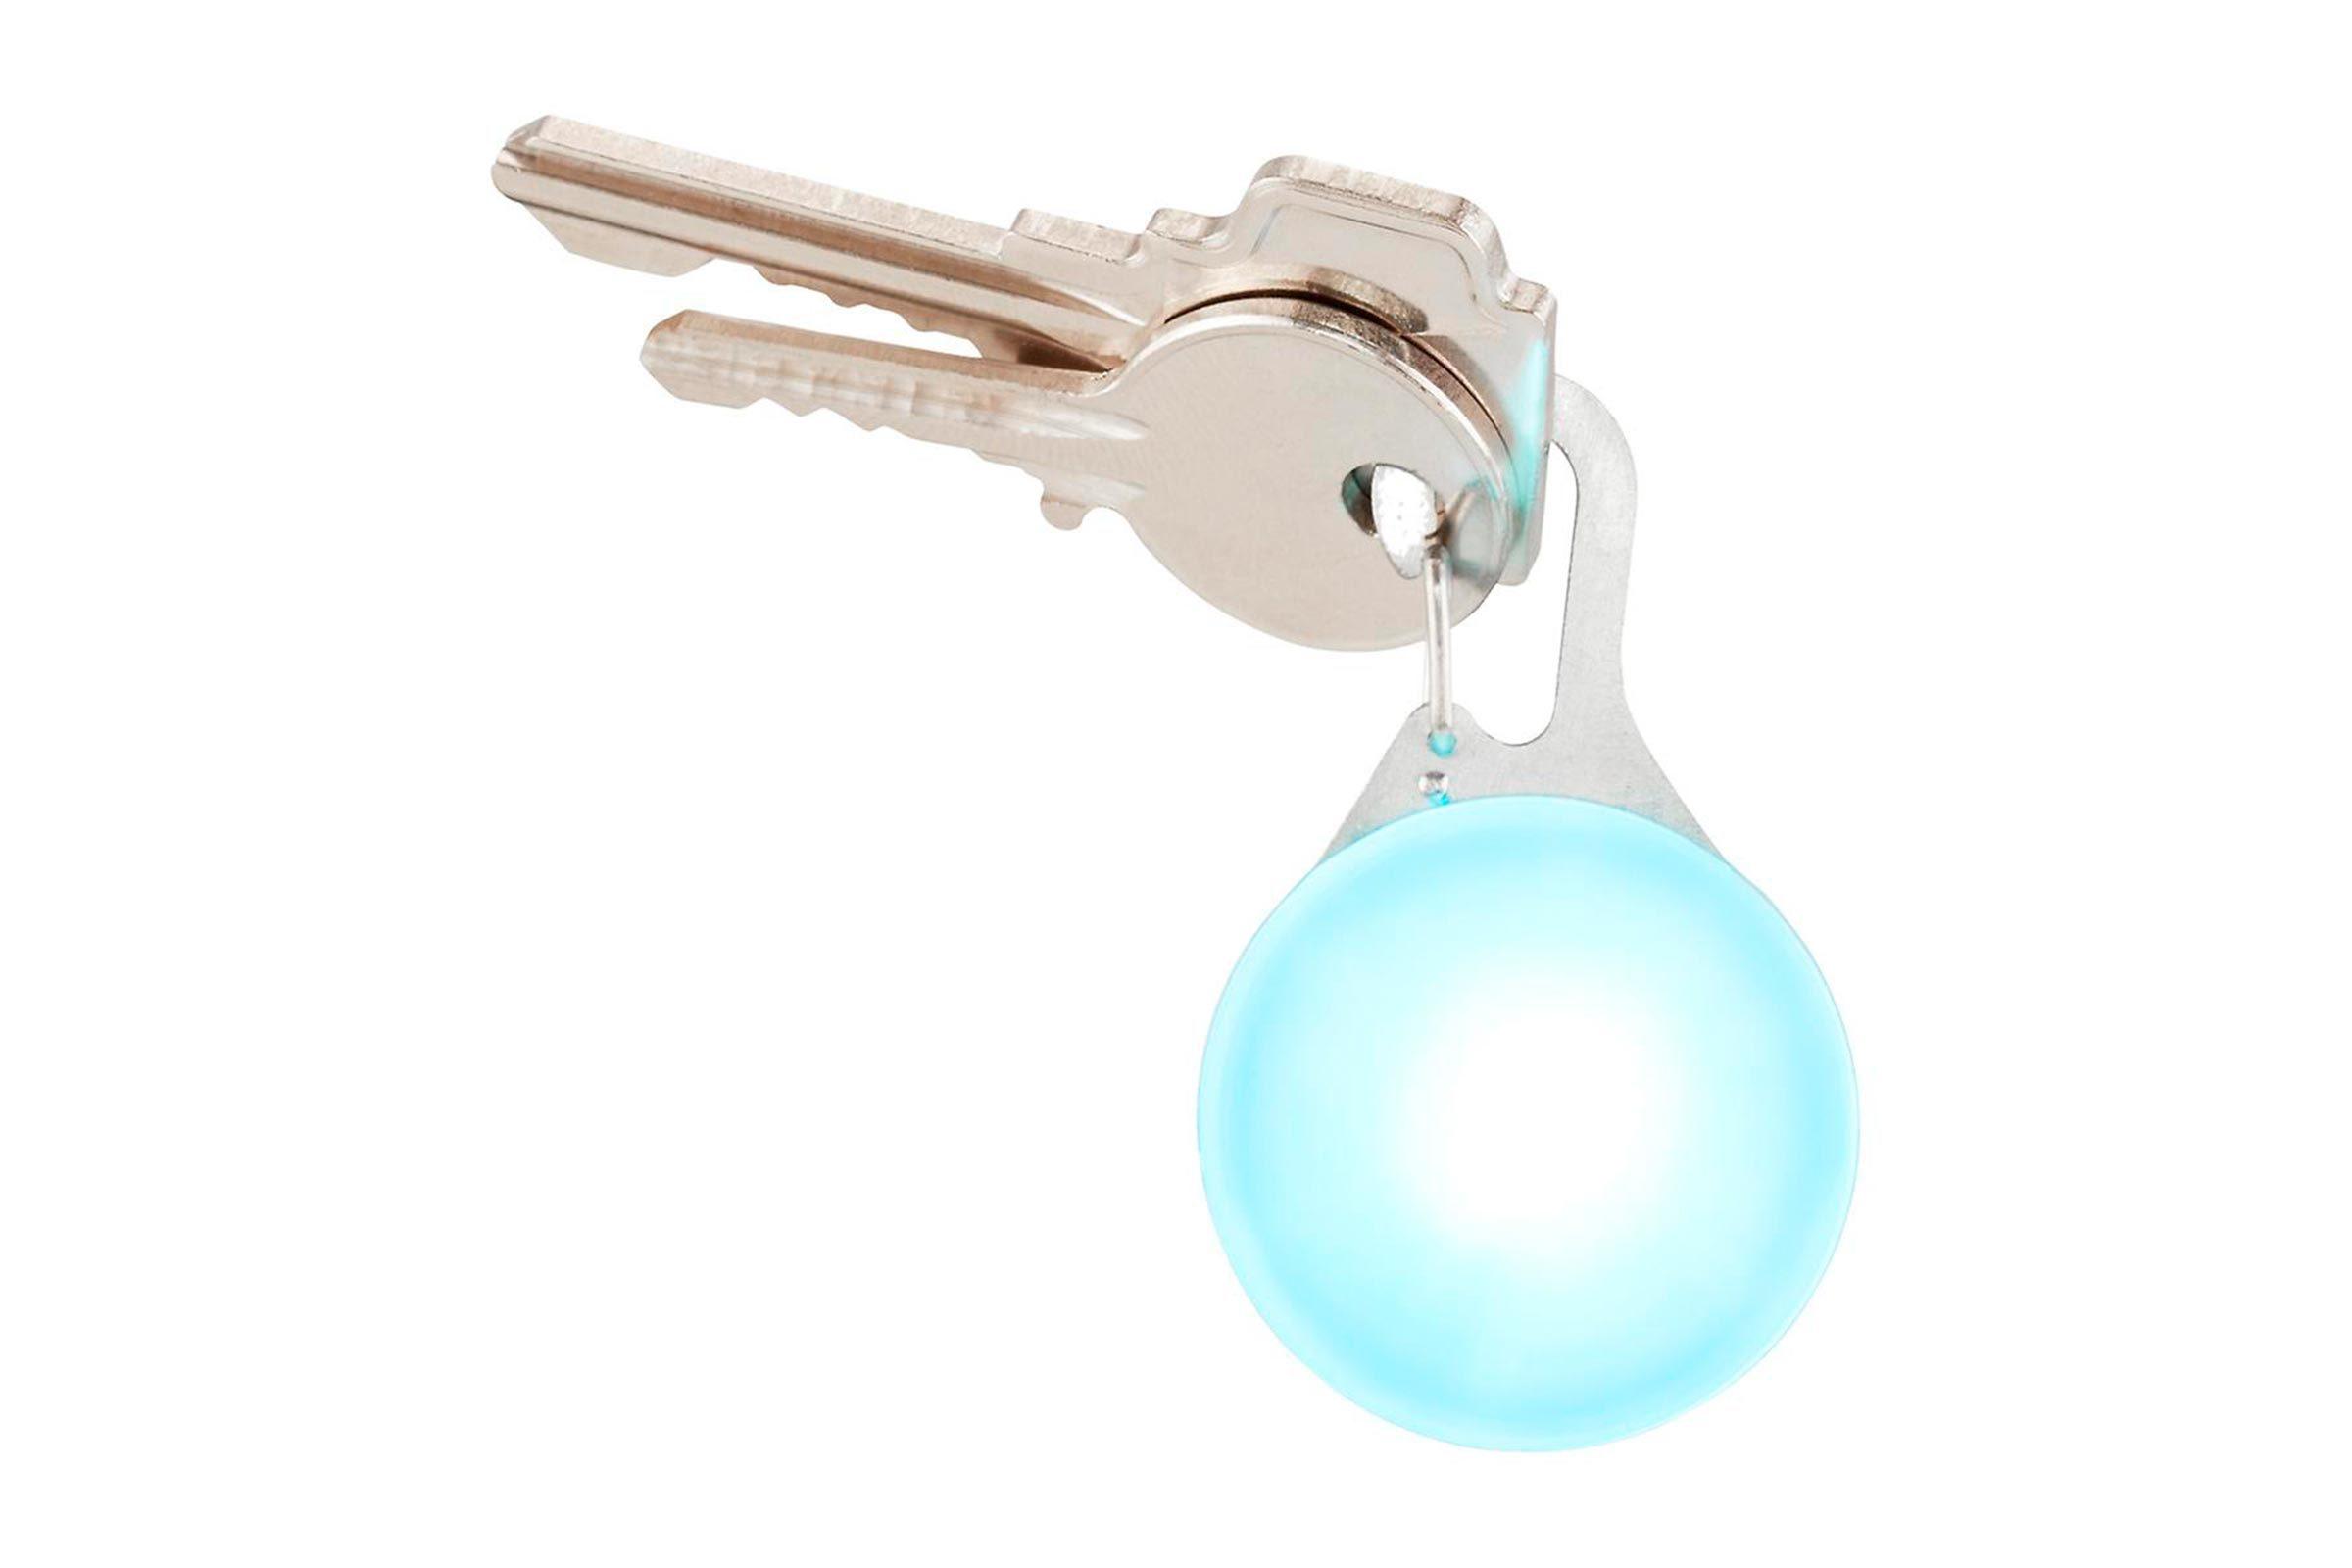 LED Carabiner light